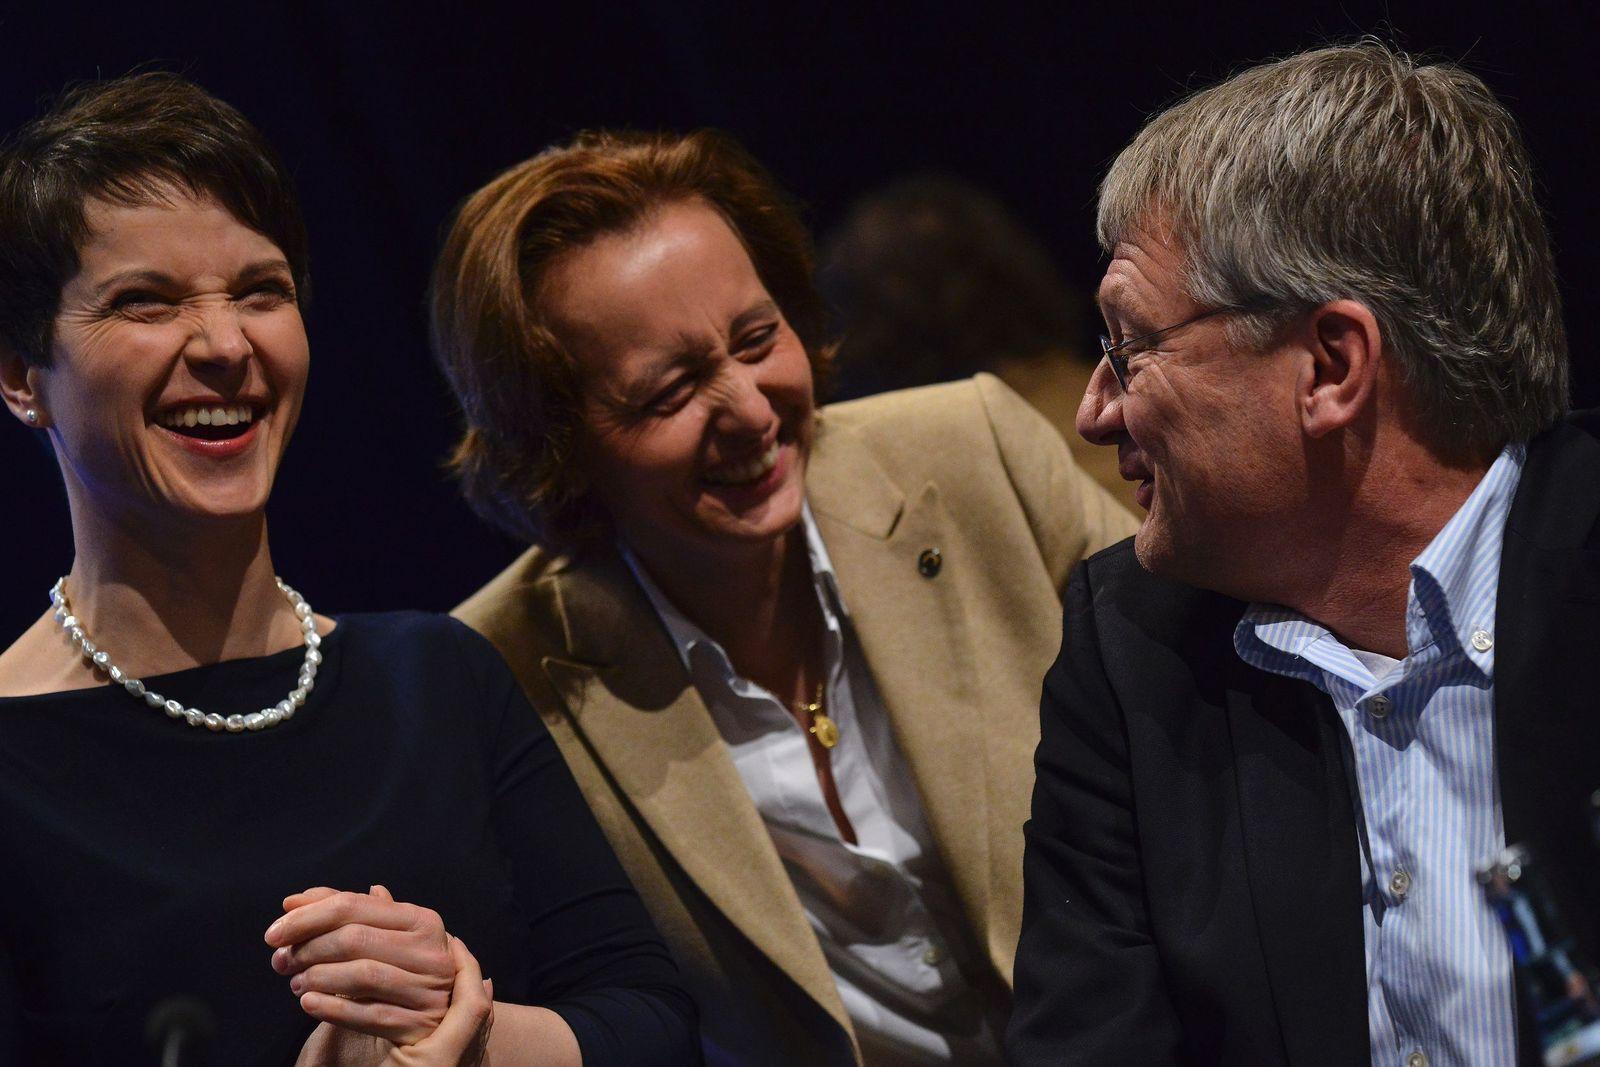 Frauke Petry / Beatrix von Storch / AfD